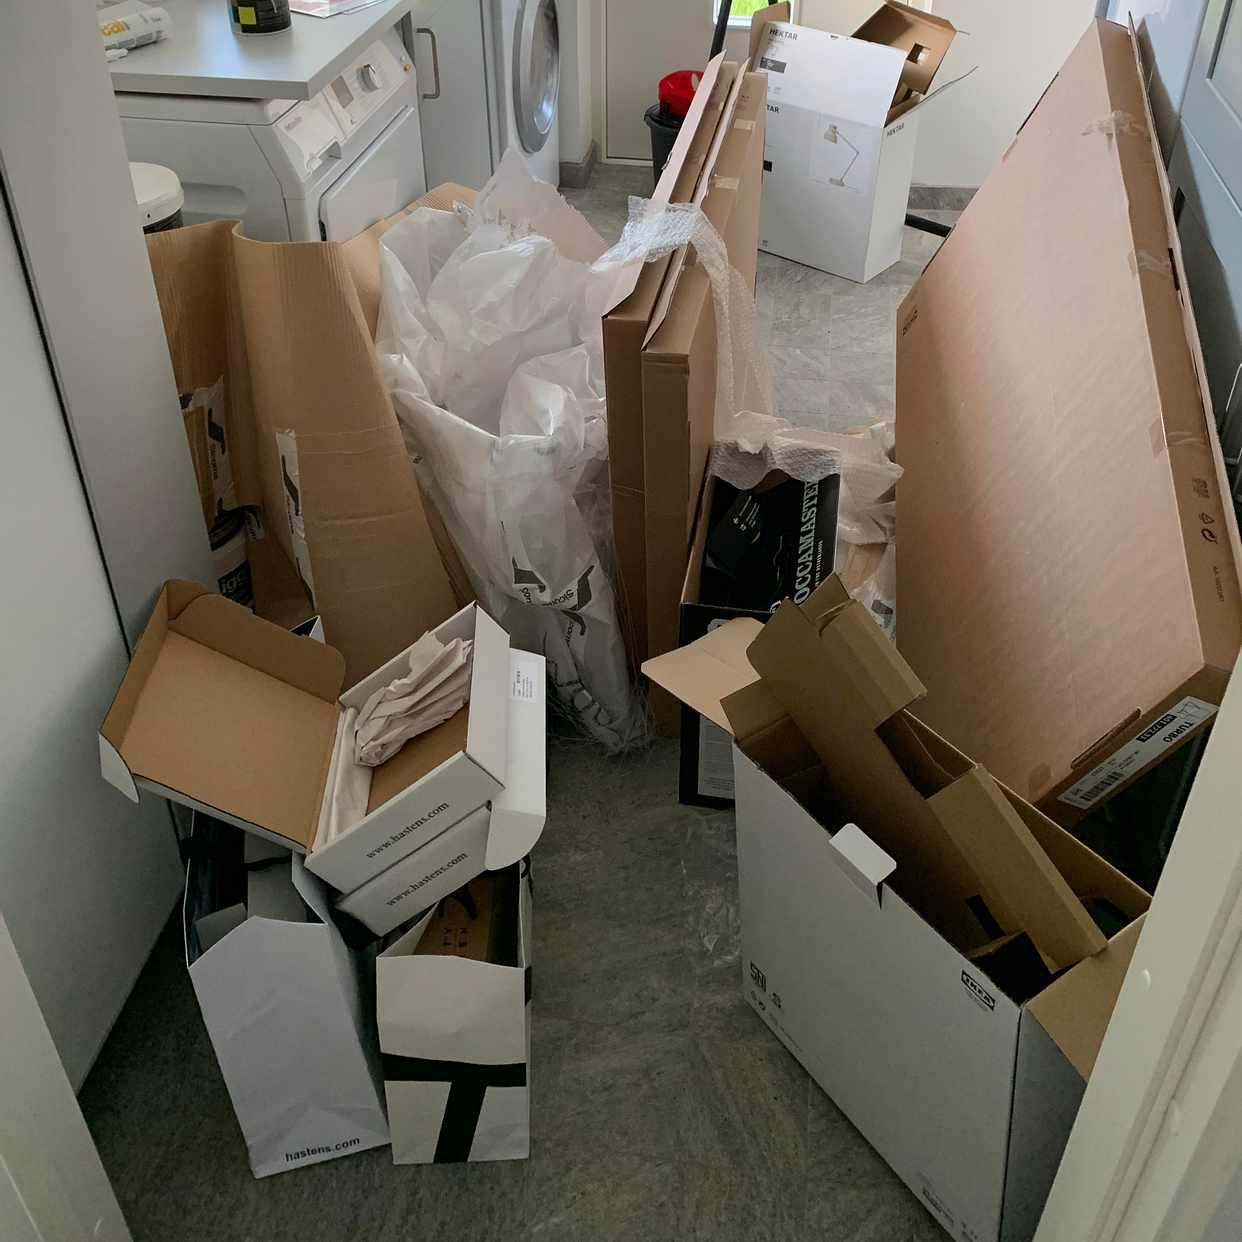 image of Cardboards, plastic bags - Danderyd